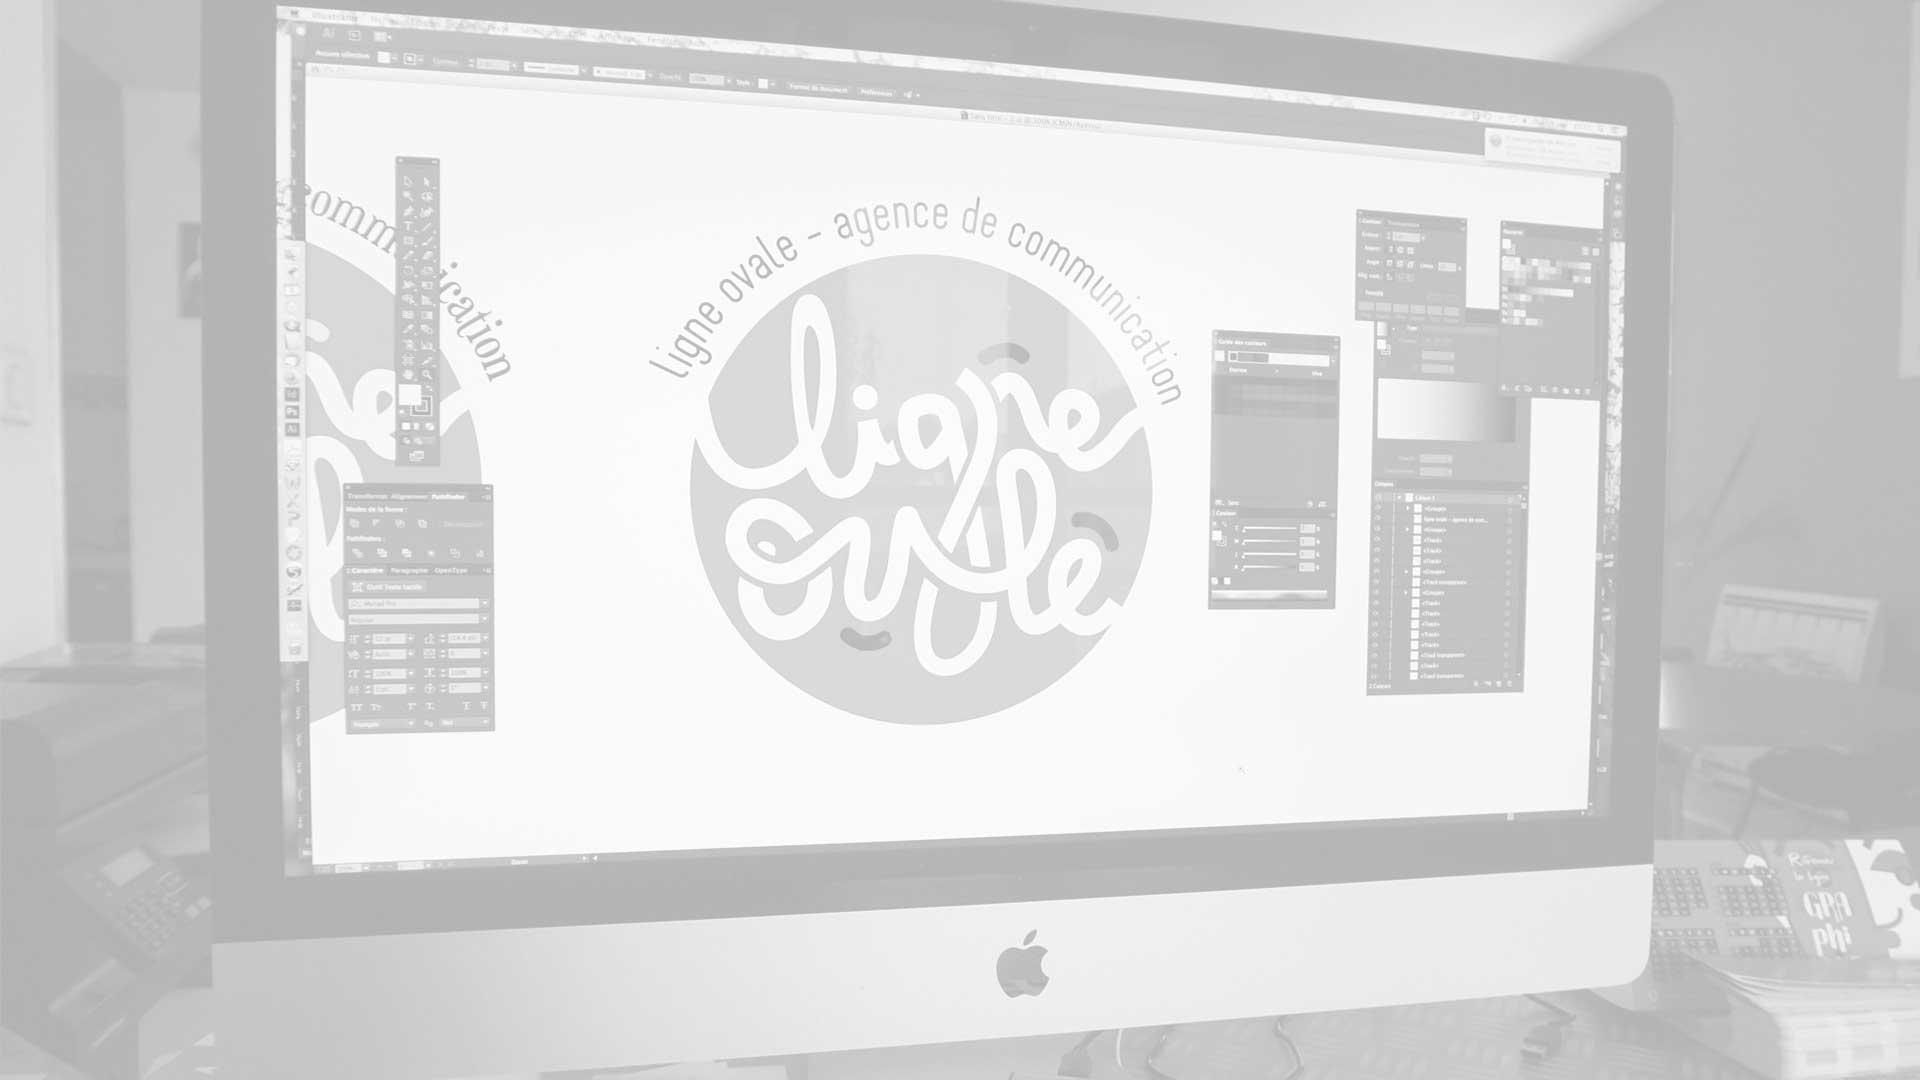 création-graphique-agence-de-communication-rhone-alpes Ligne ovale